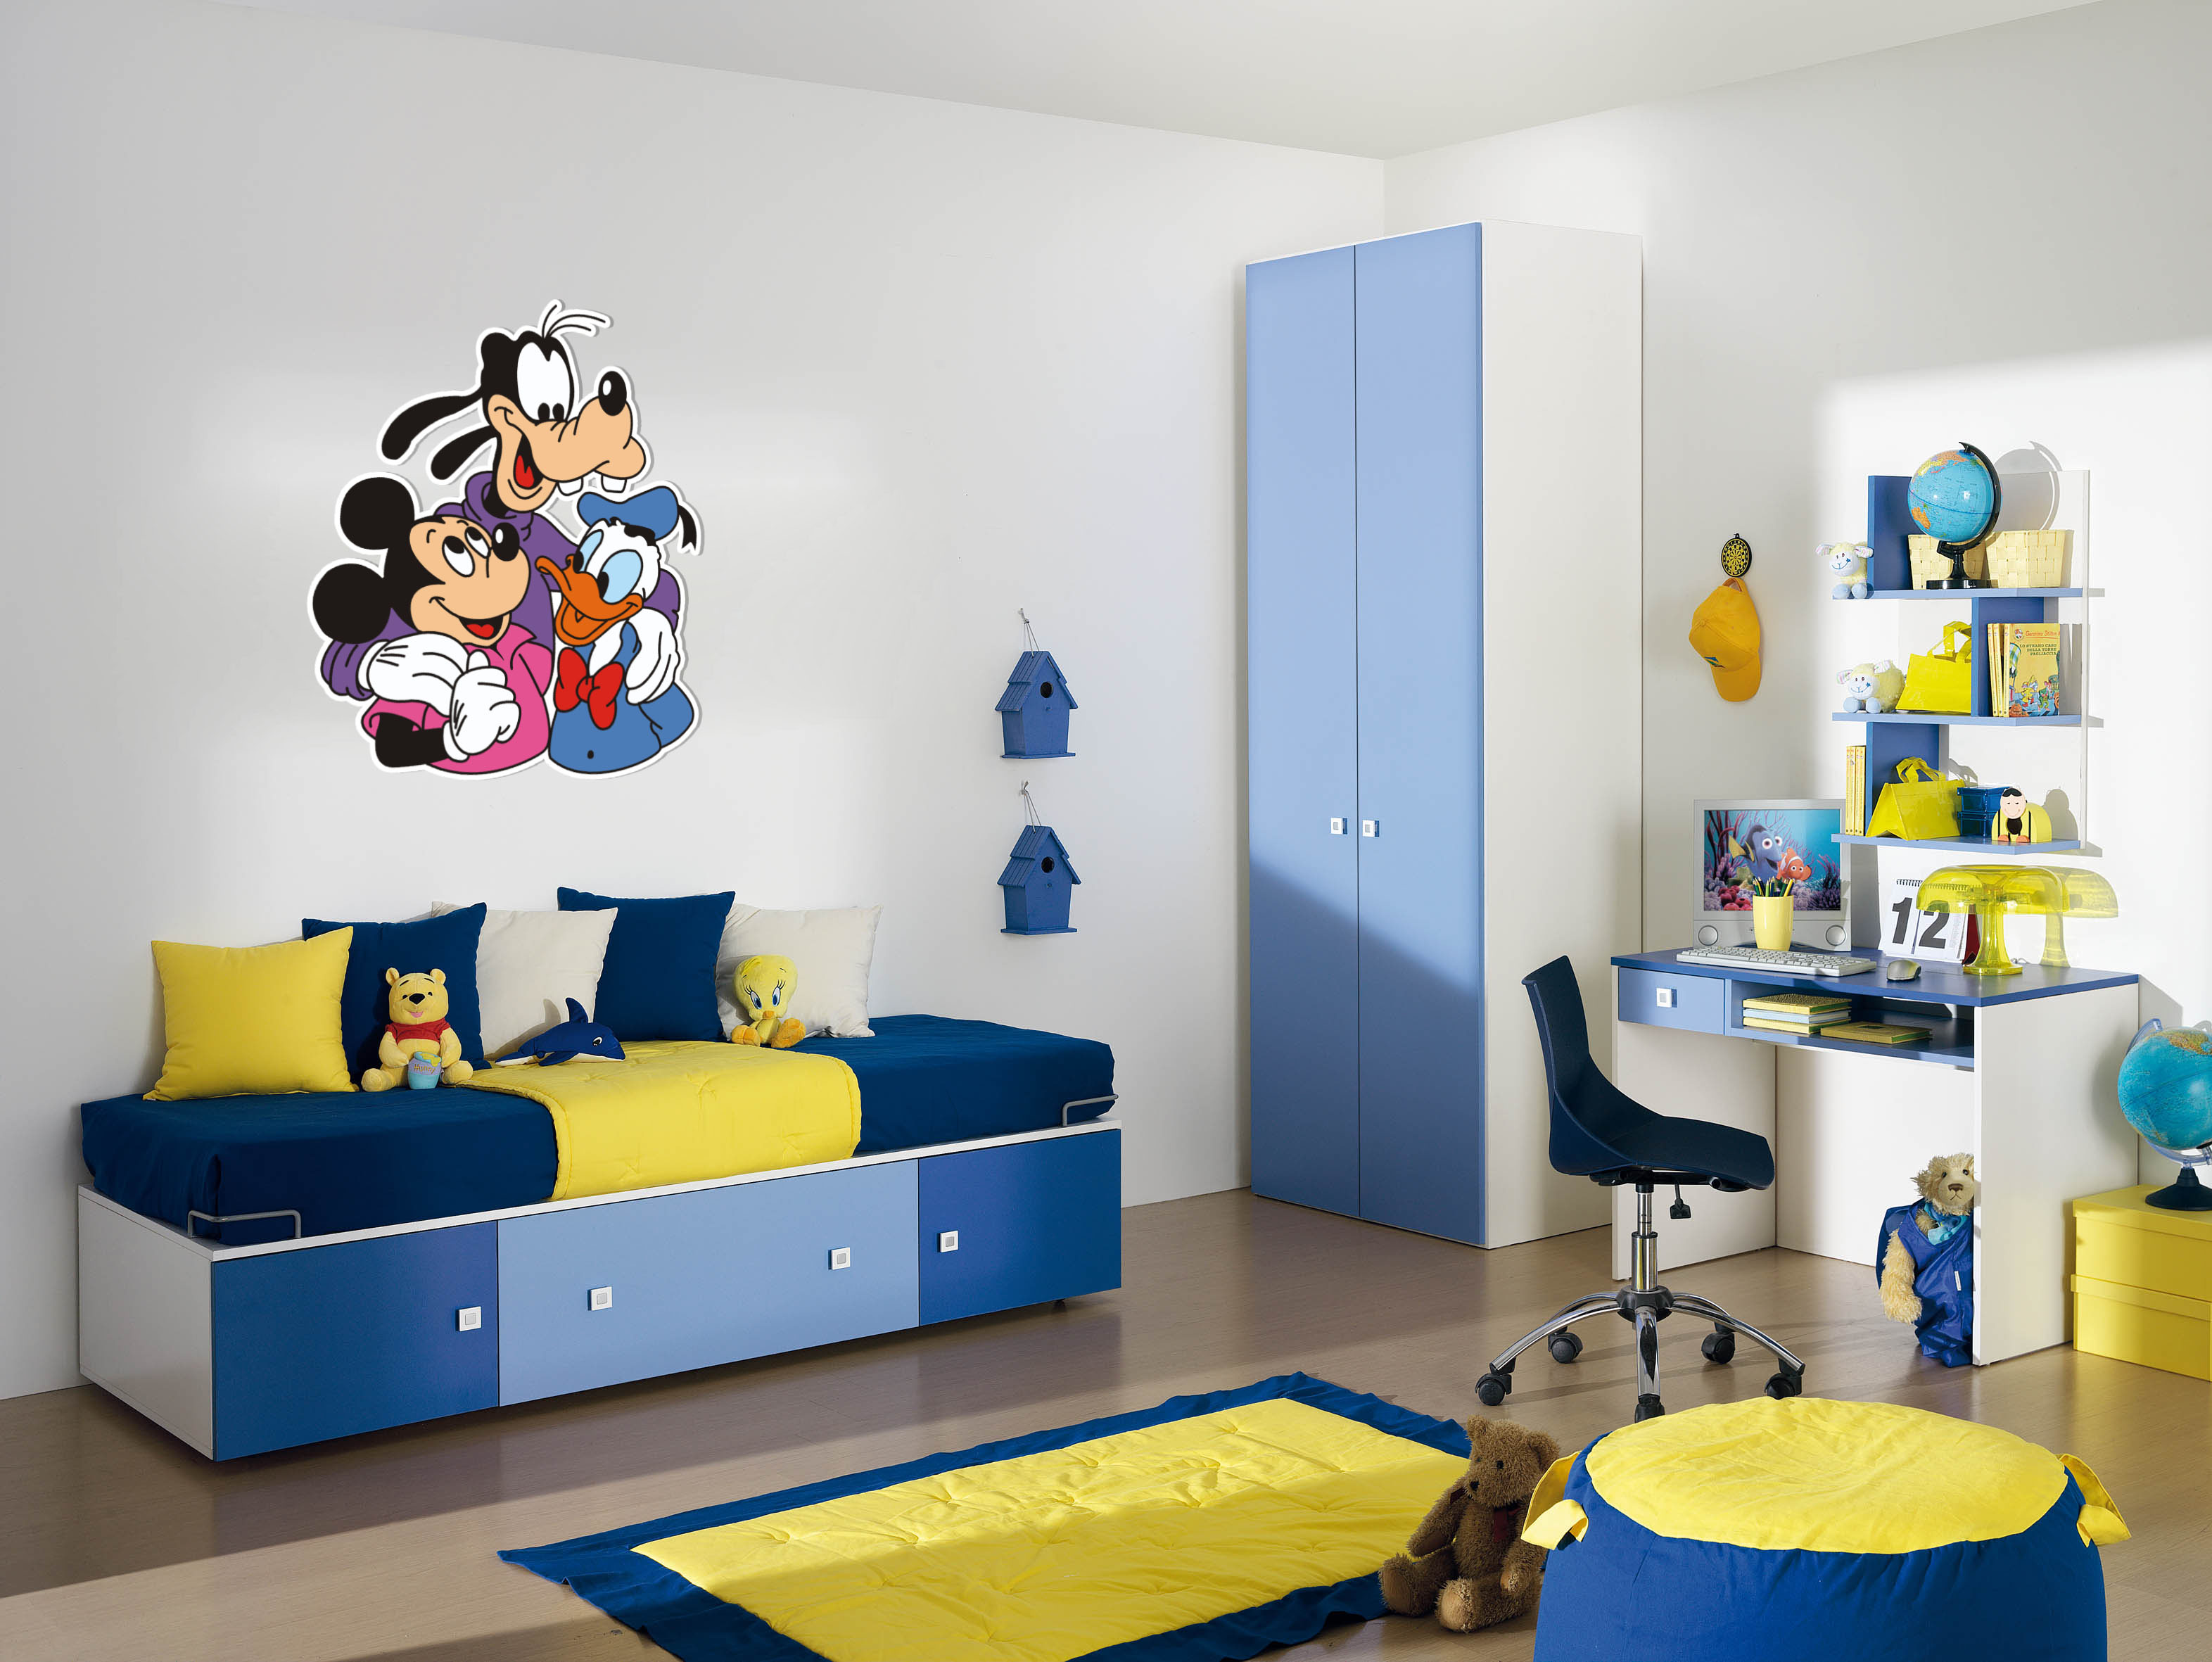 Decorazioni pareti ecco i nuovi pannelli sagomati per camerette dei bambini ludoteche e asili - Adesivi murali per camerette ...